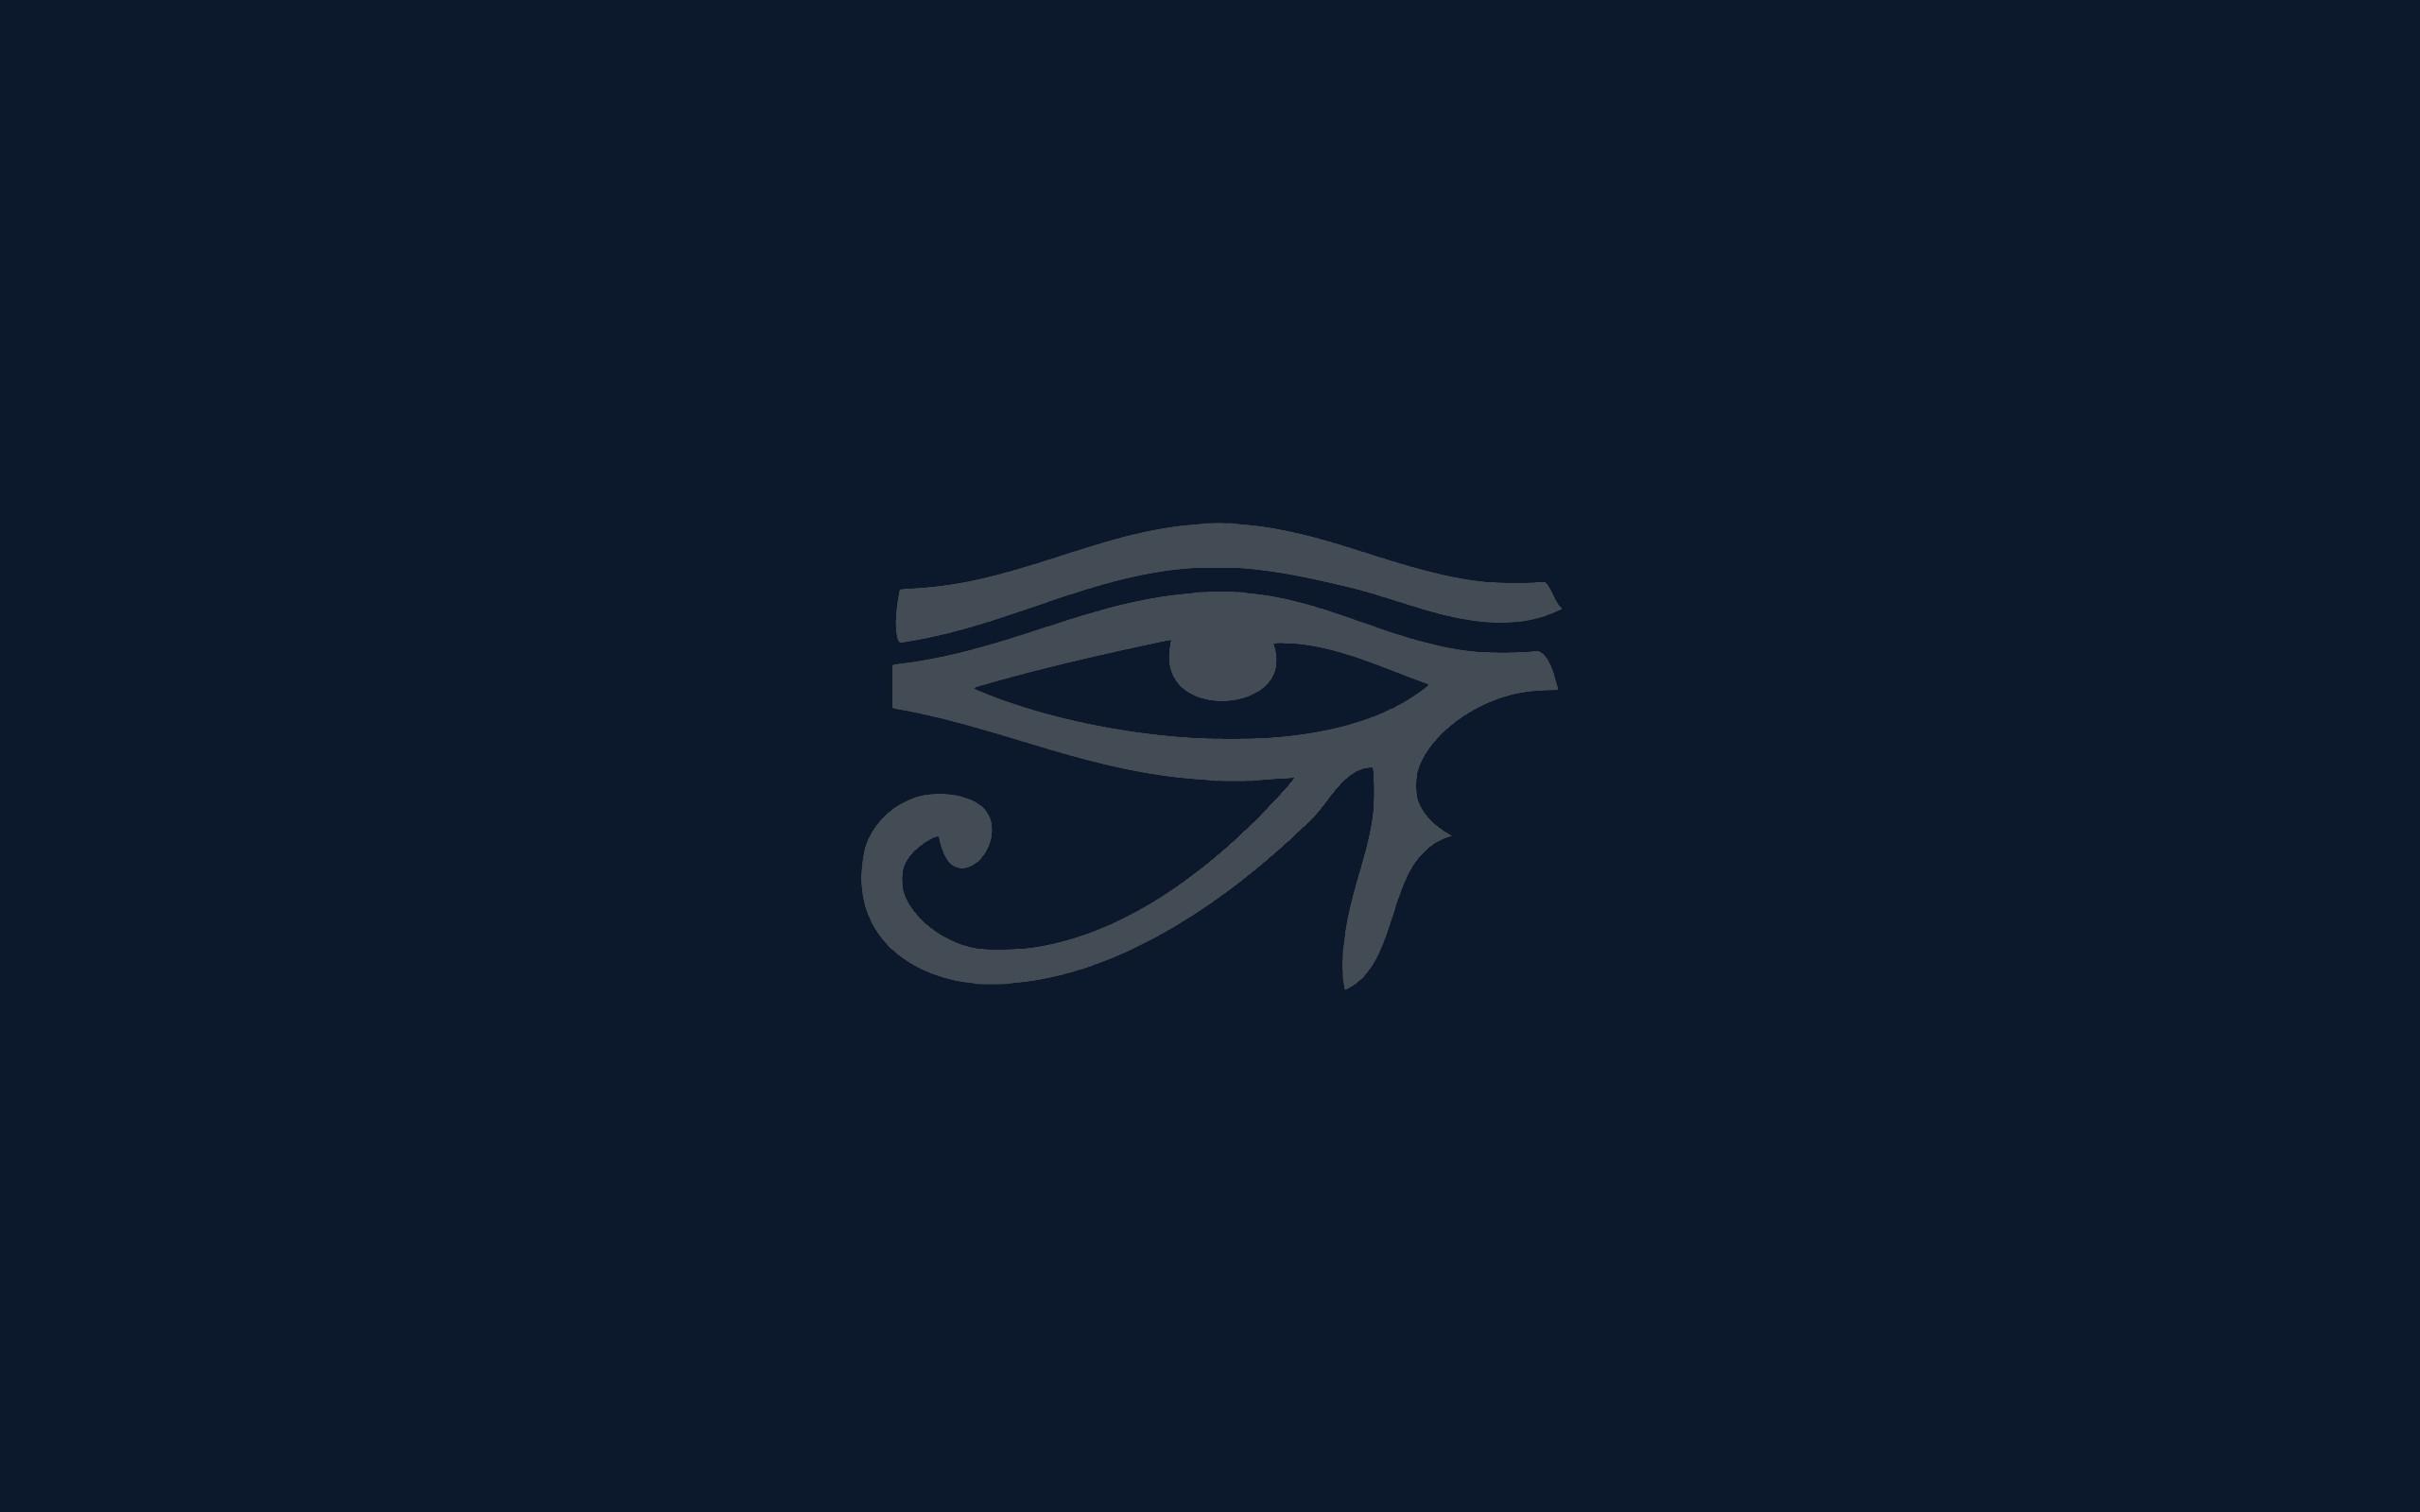 wallpaper.wiki-Desktop-Images-Eye-Of-Horus-PIC-